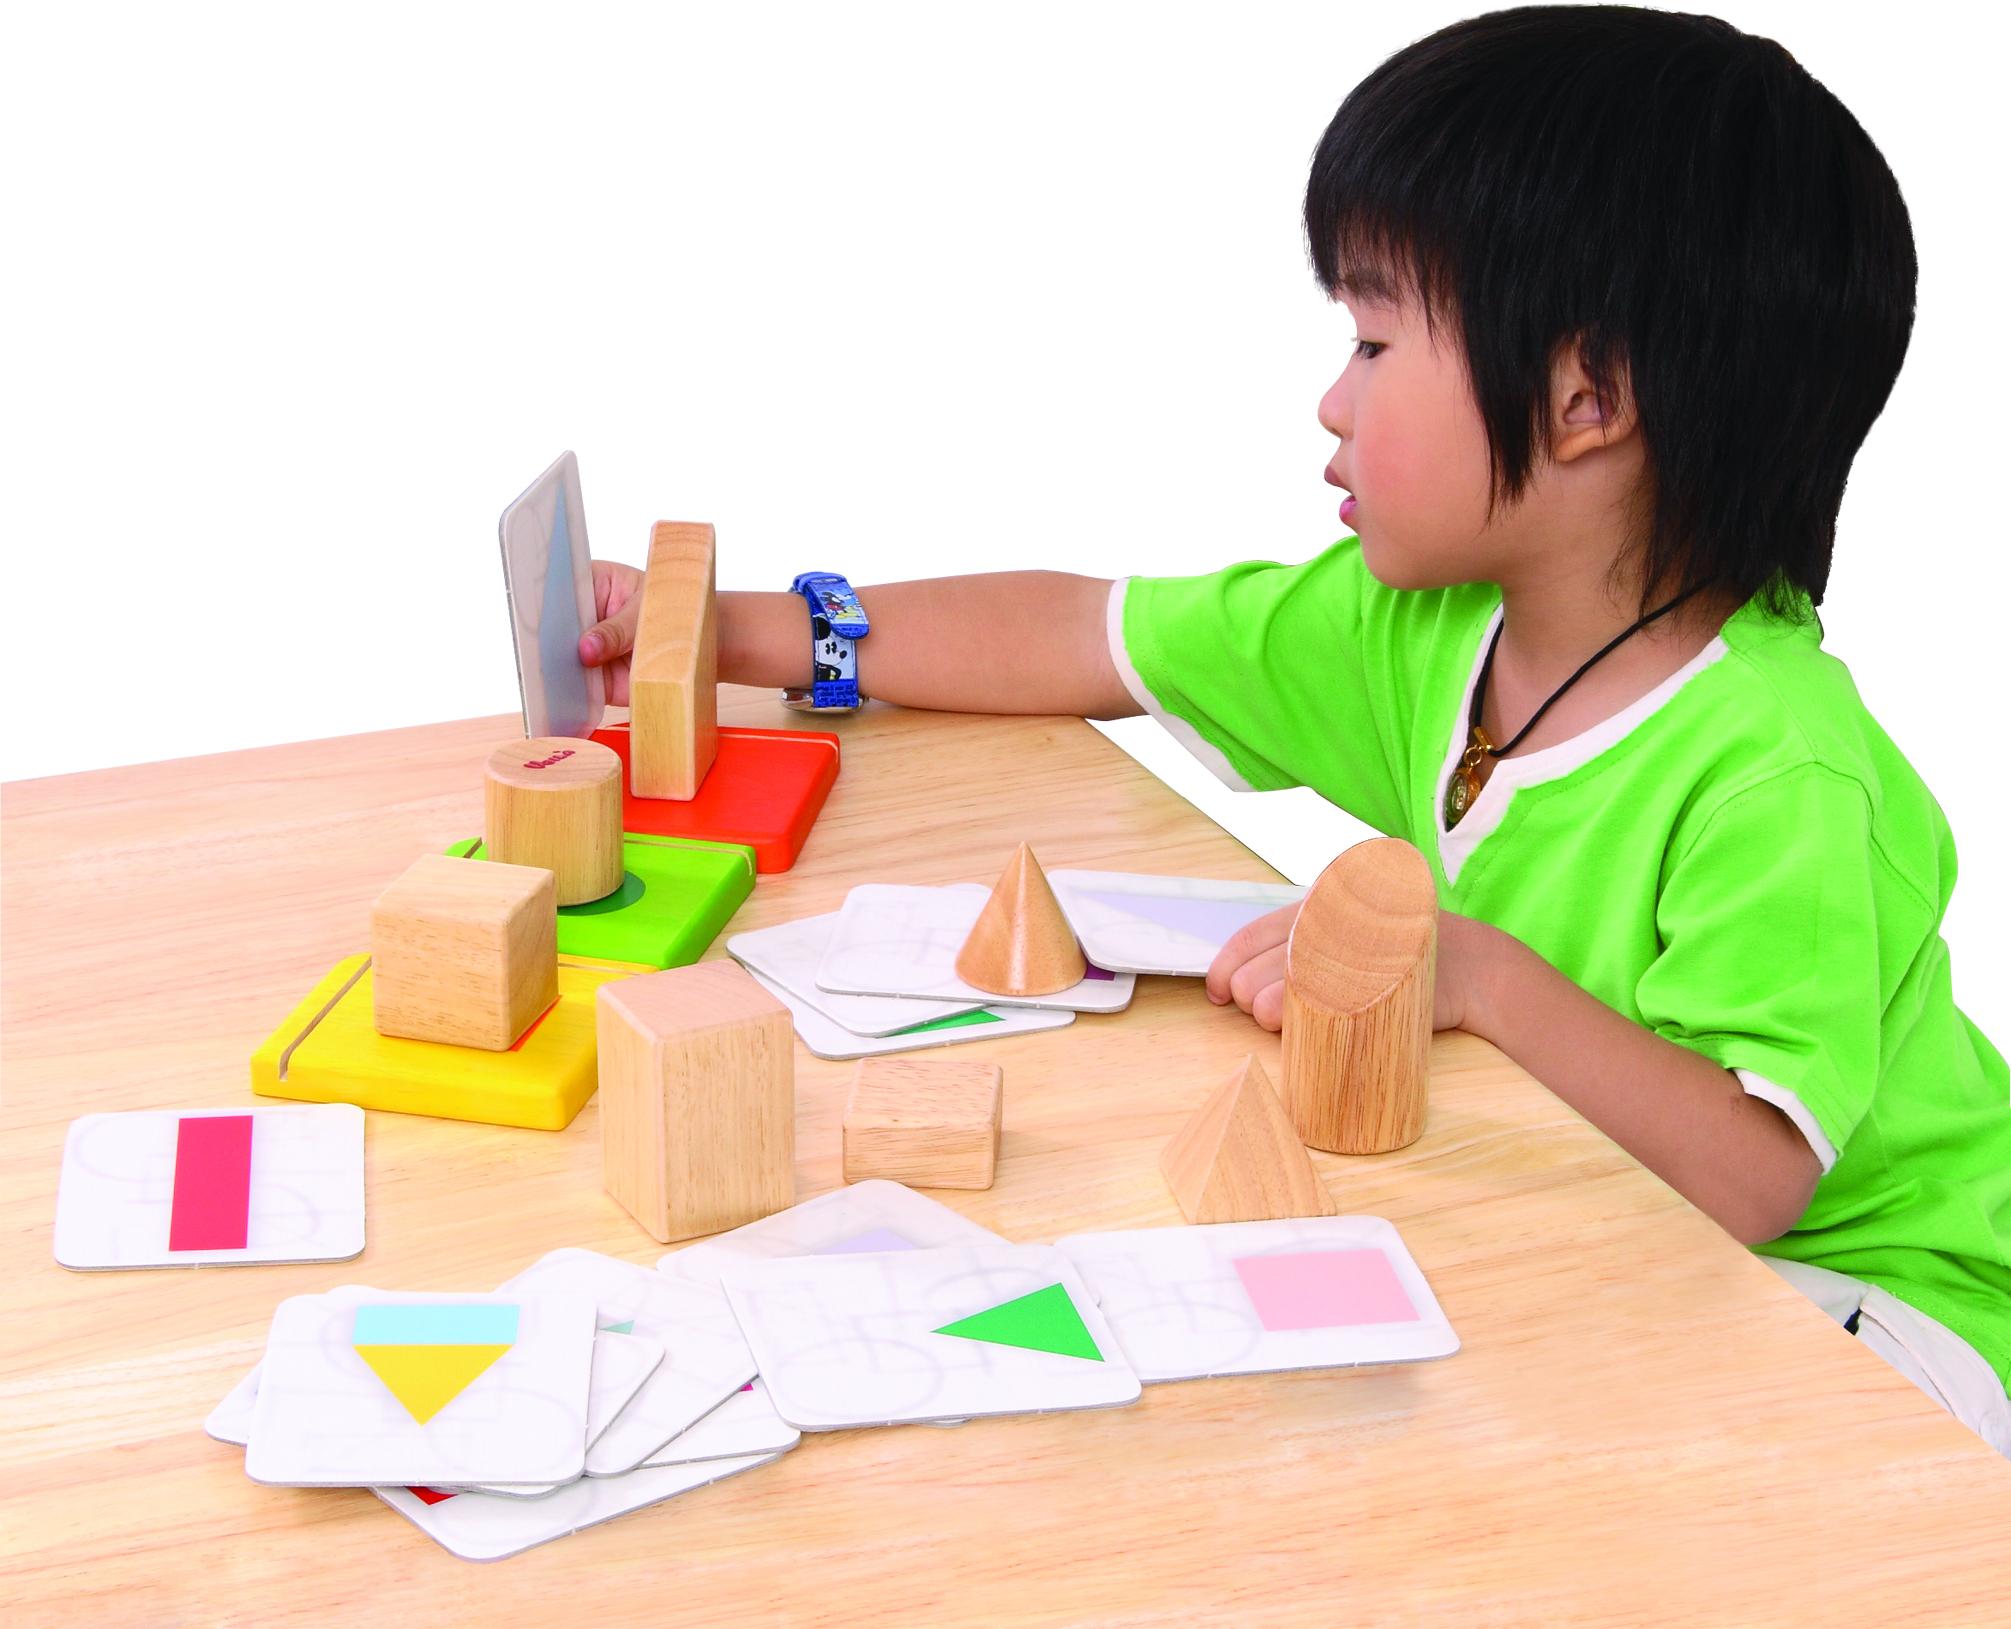 จับคู่เงาสามมิติ ของเล่นฝึกทักษะการคิด ของเล่นไม้ ของเล่นฝึกสมอง